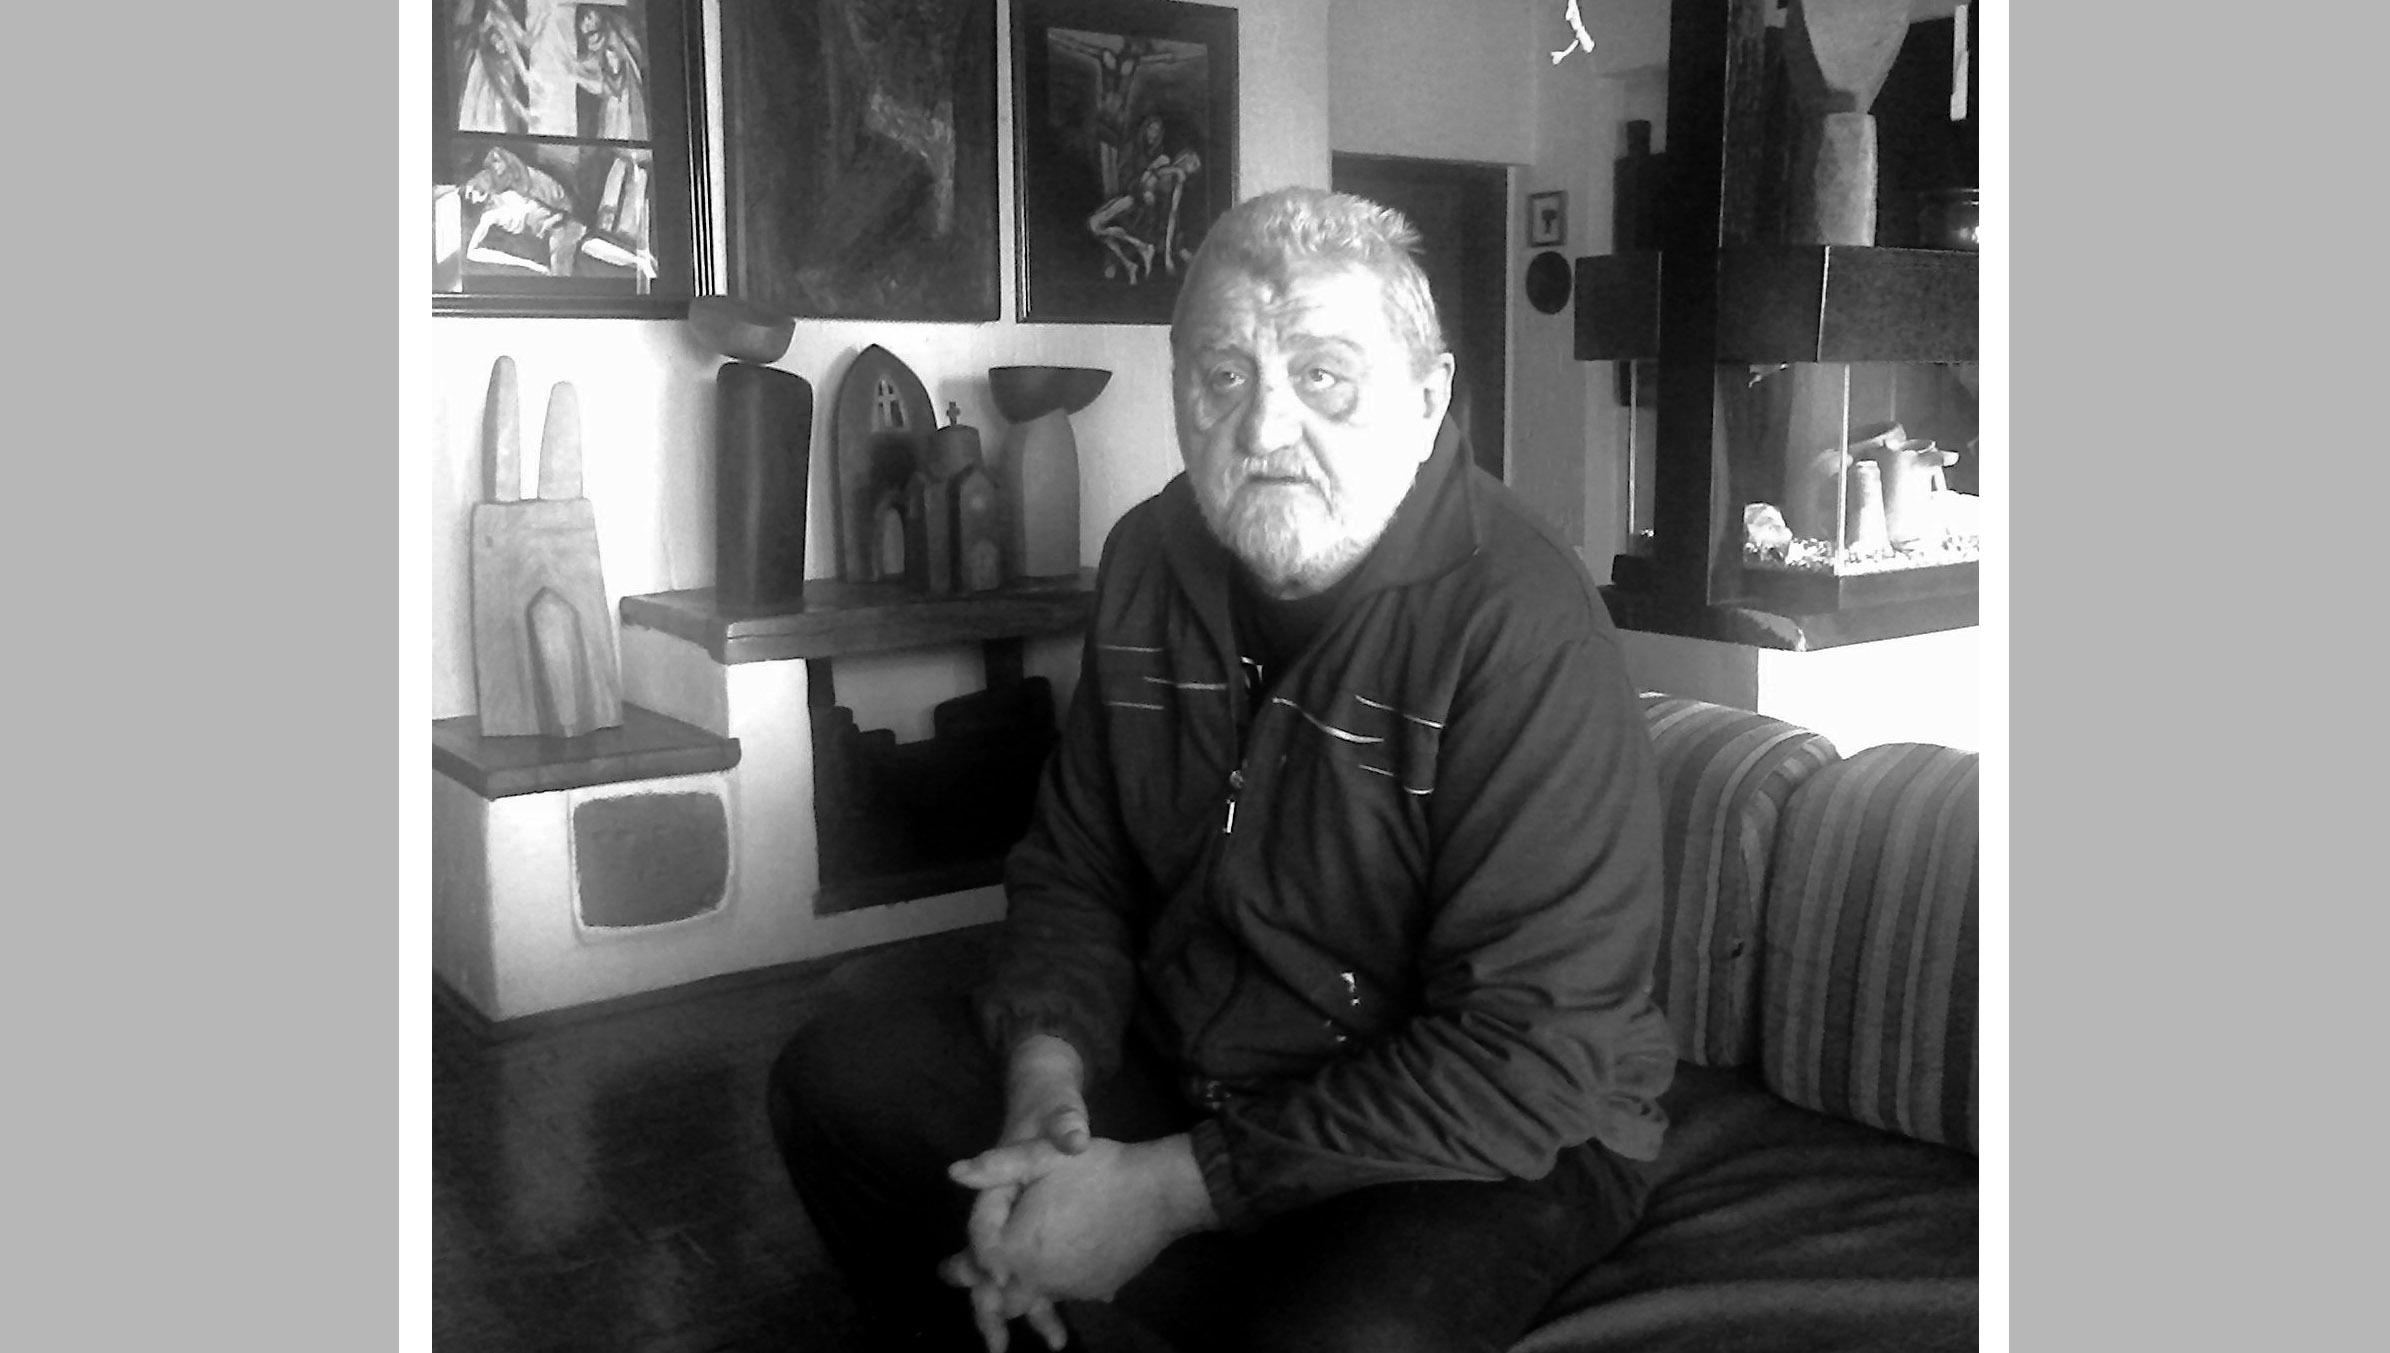 Susret u atelijeru – Marijan Glavnik